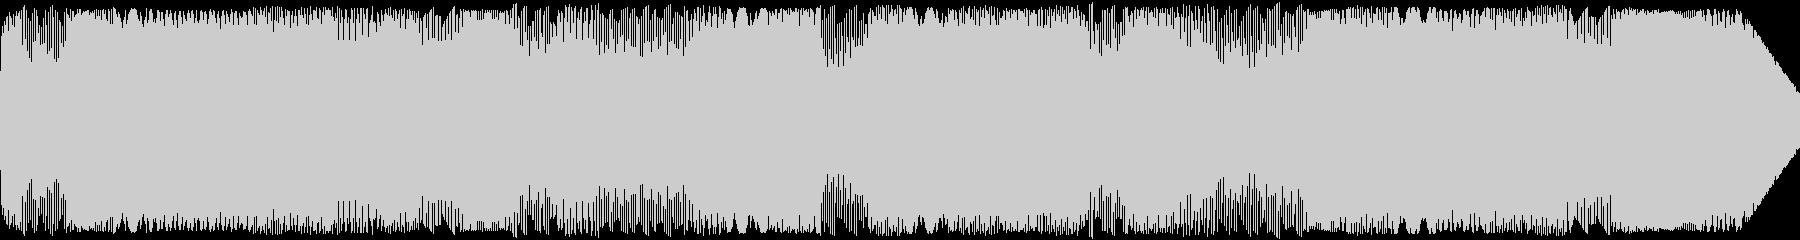 ランダム合成0603 ZGの未再生の波形